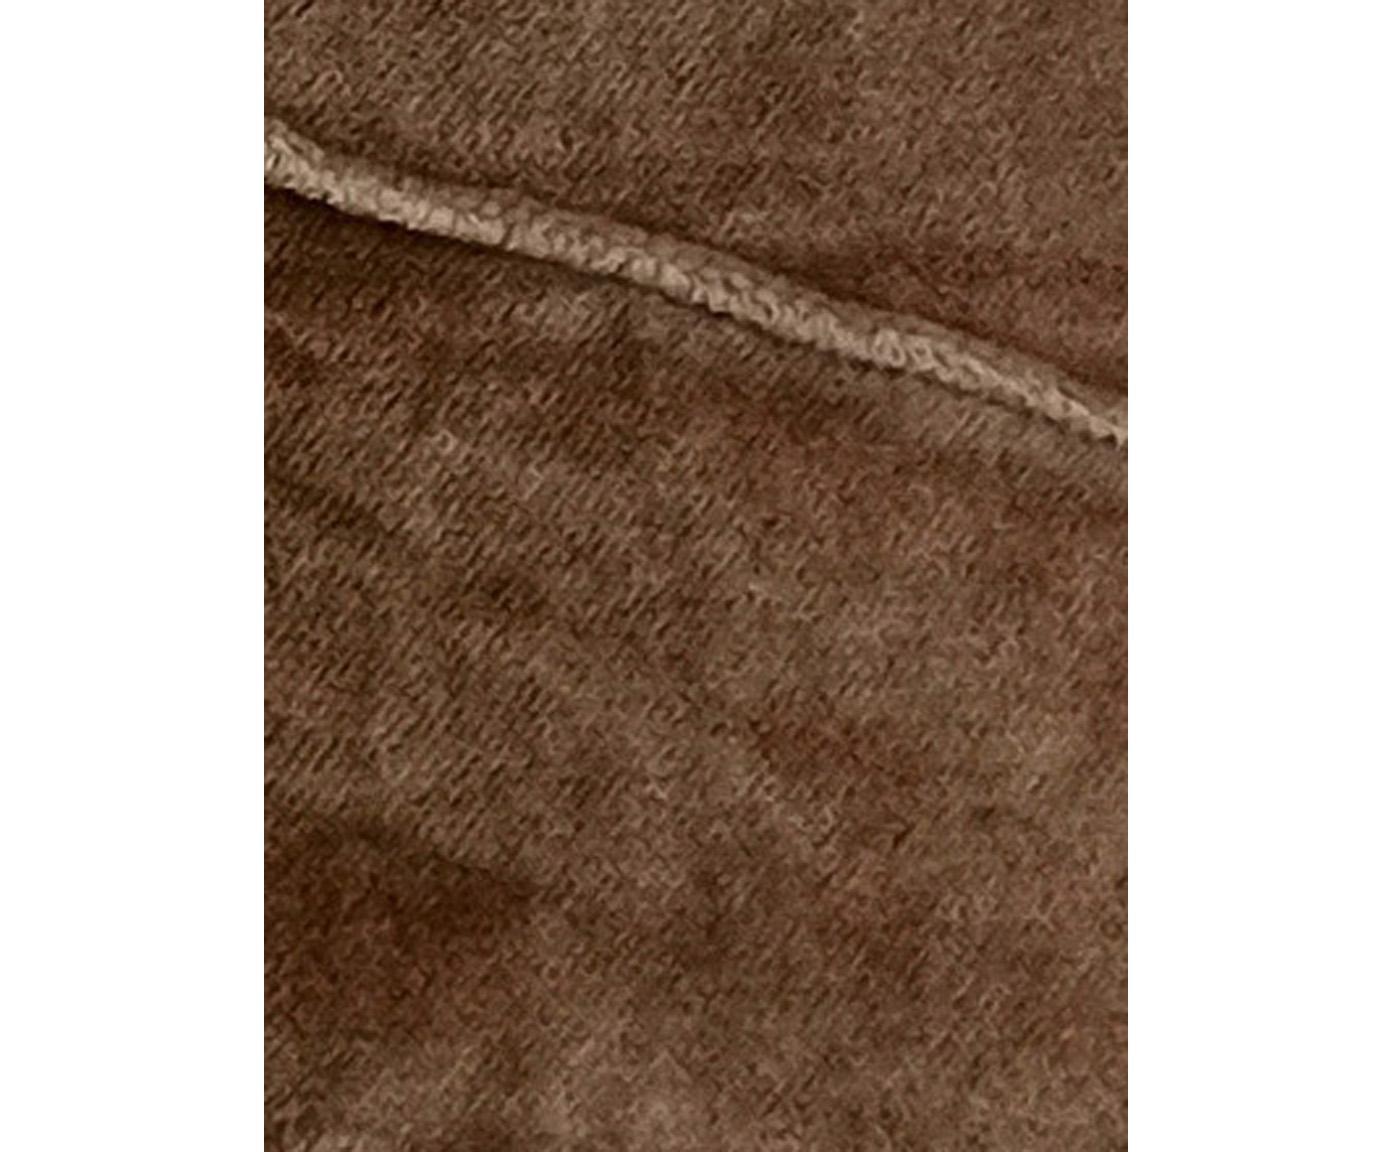 Samt-Kissen Pintuck in Braun mit erhabenem Strukturmuster, mit Inlett, Bezug: 55% Rayon, 45% Baumwolle, Webart: Samt, Rosa, 45 x 45 cm